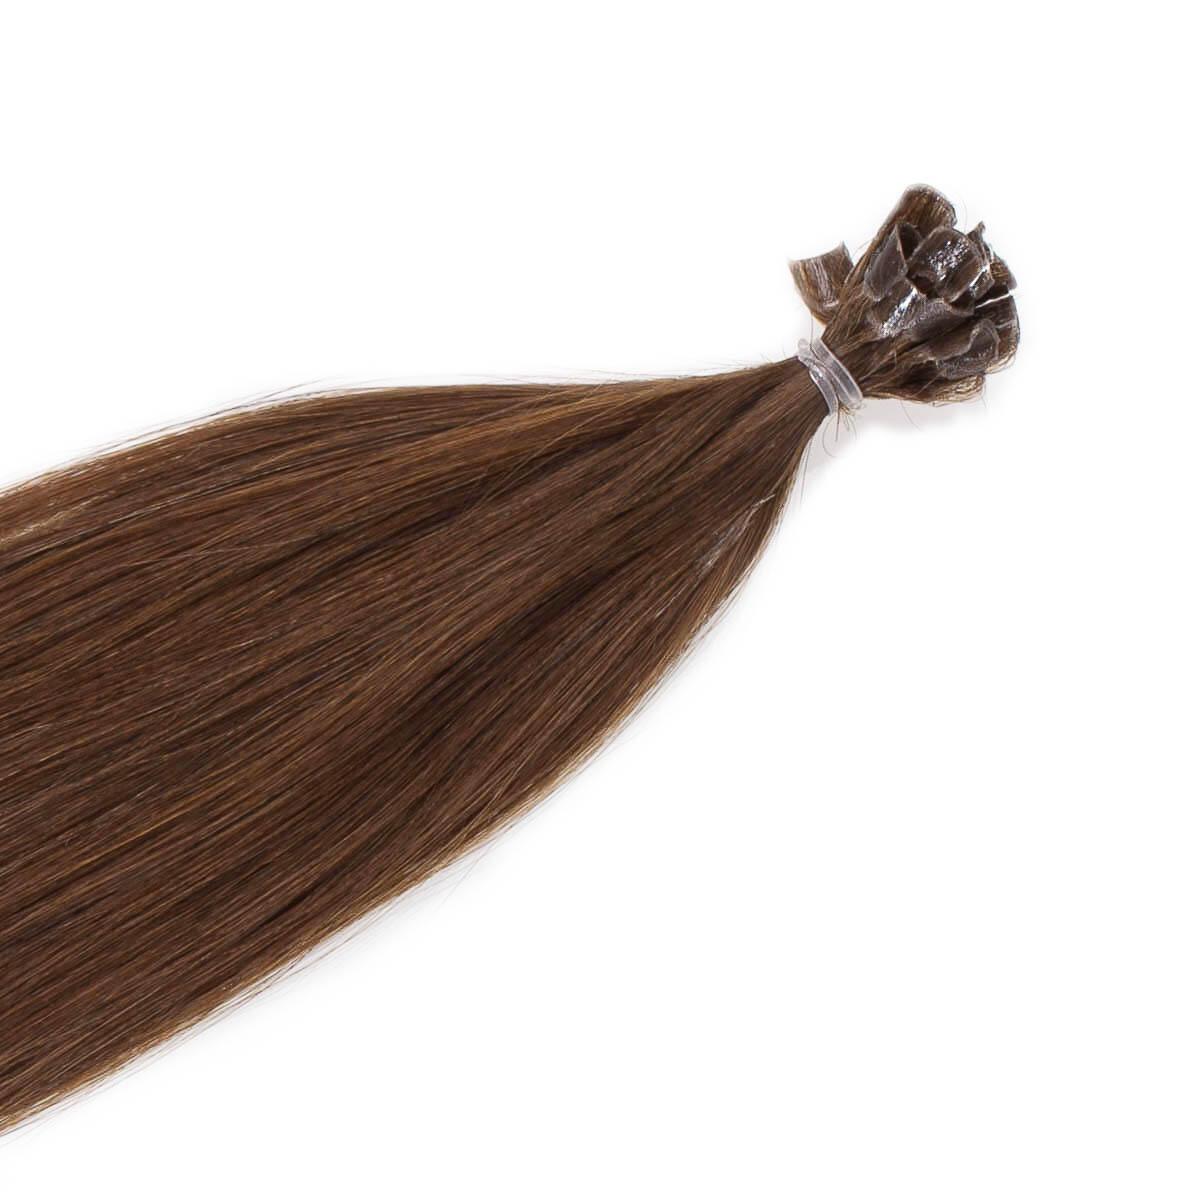 Nail Hair 5.0 Brown 30 cm